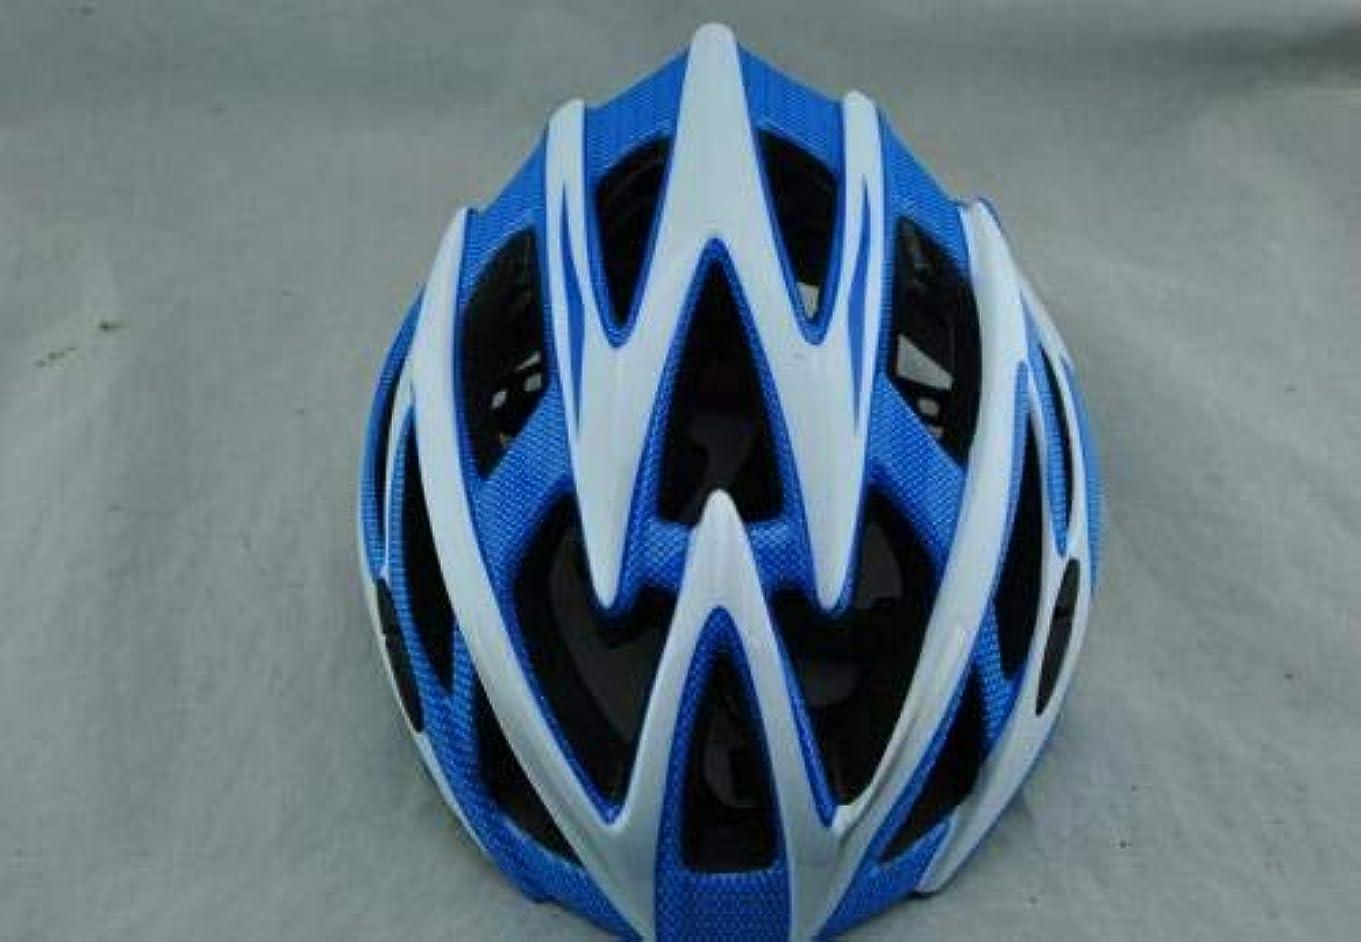 刻む正直軽蔑するEartjing 登山 クライミング スポーツヘルメット ウォータースポーツヘルメット 大人用ヘルメット 安全保護 耐水 男女兼用